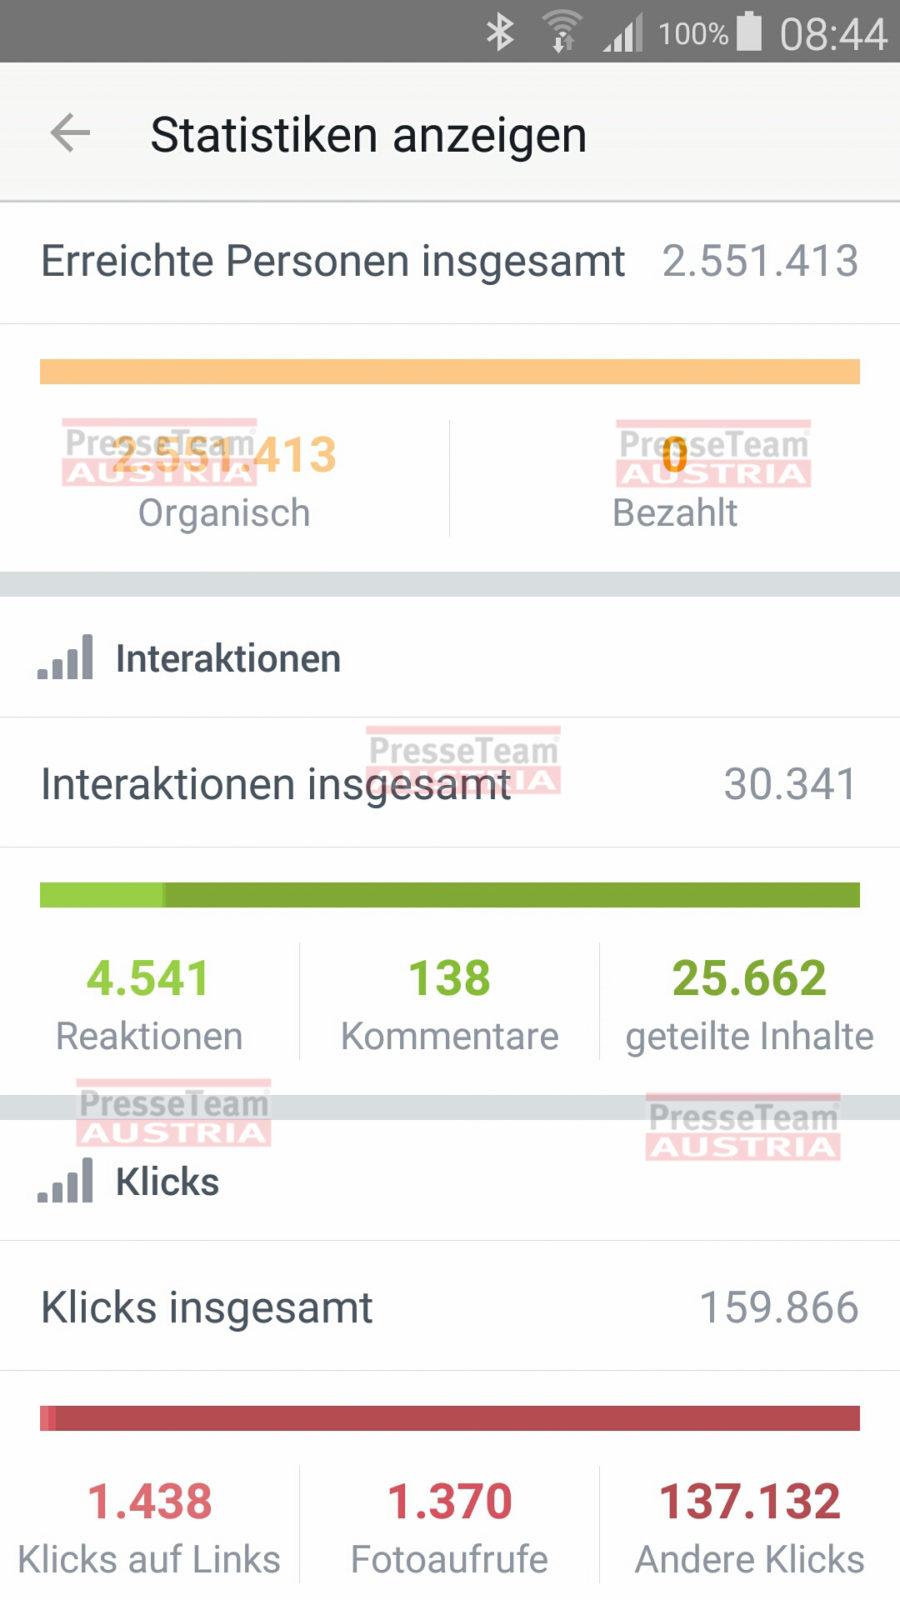 Facebook Marketing Schulung 26 - 10.730.101 Reichweite mit Facebook-Marketing: Der sichere Weg zu Ihrer Zielgruppe!